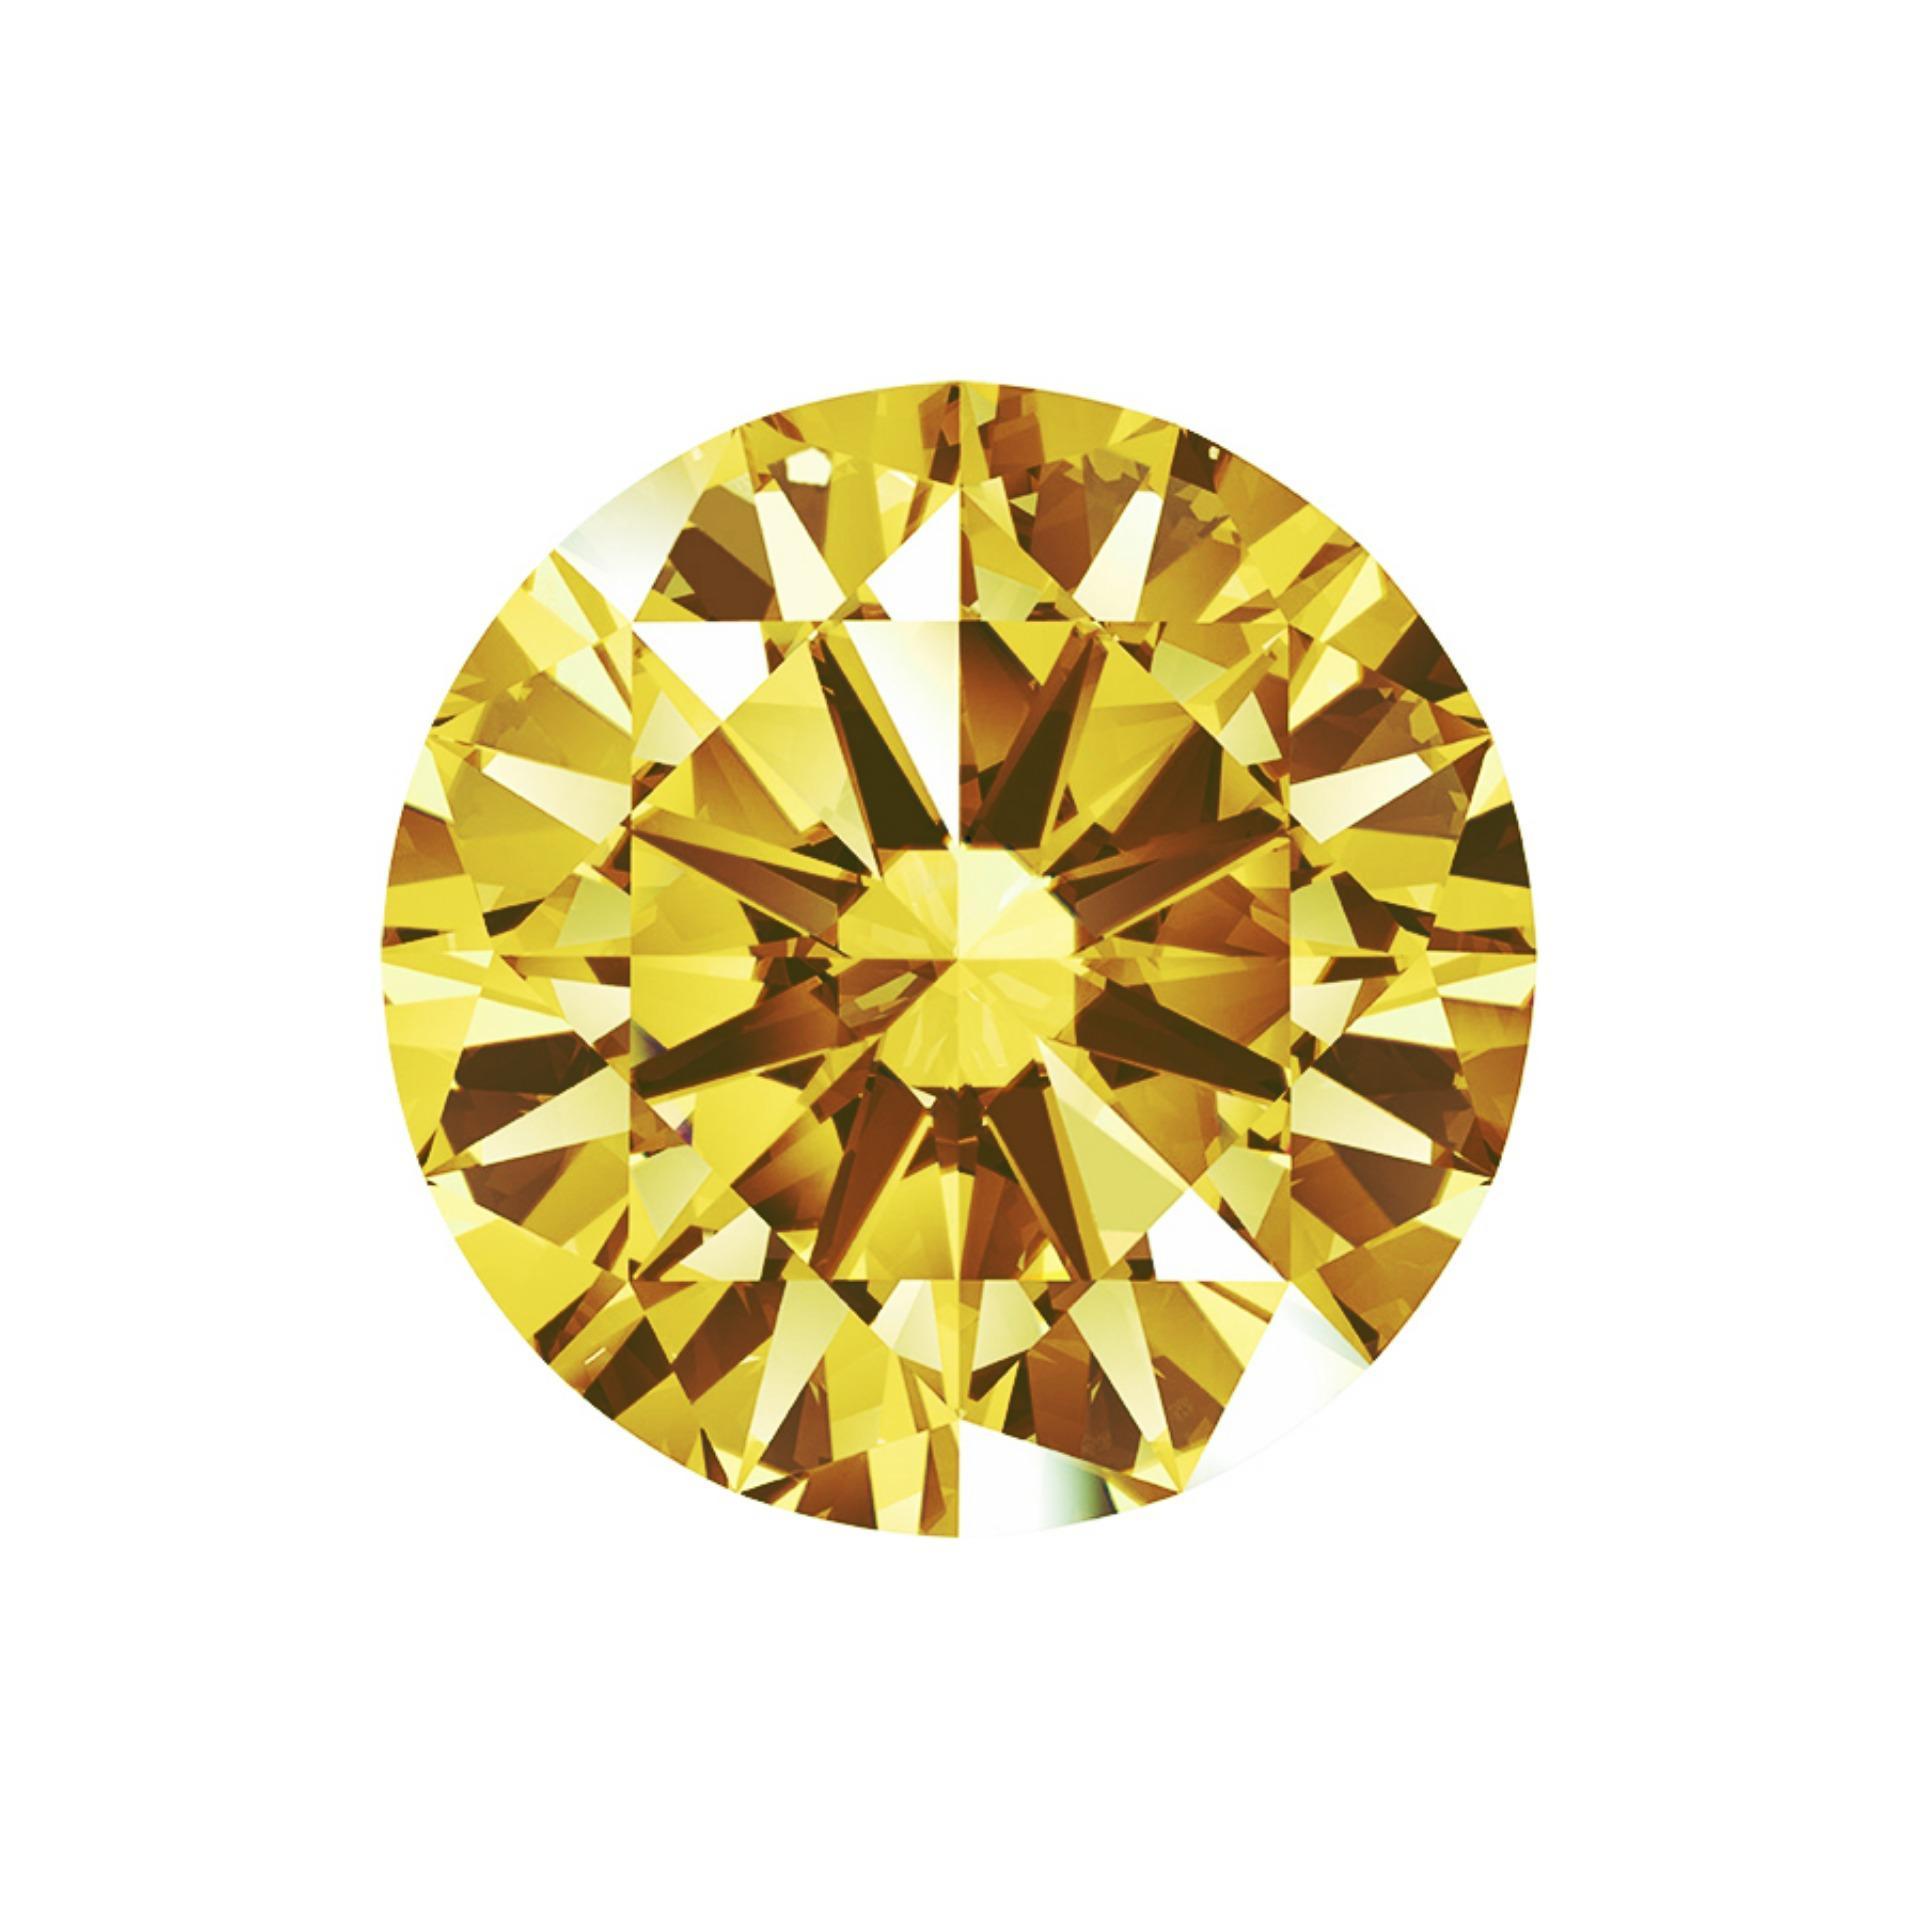 Kim Cương Nhân Tạo FASCINO GEMS Màu Vàng (MỆNH THỔ) Dạng Tròn 12.0 mm